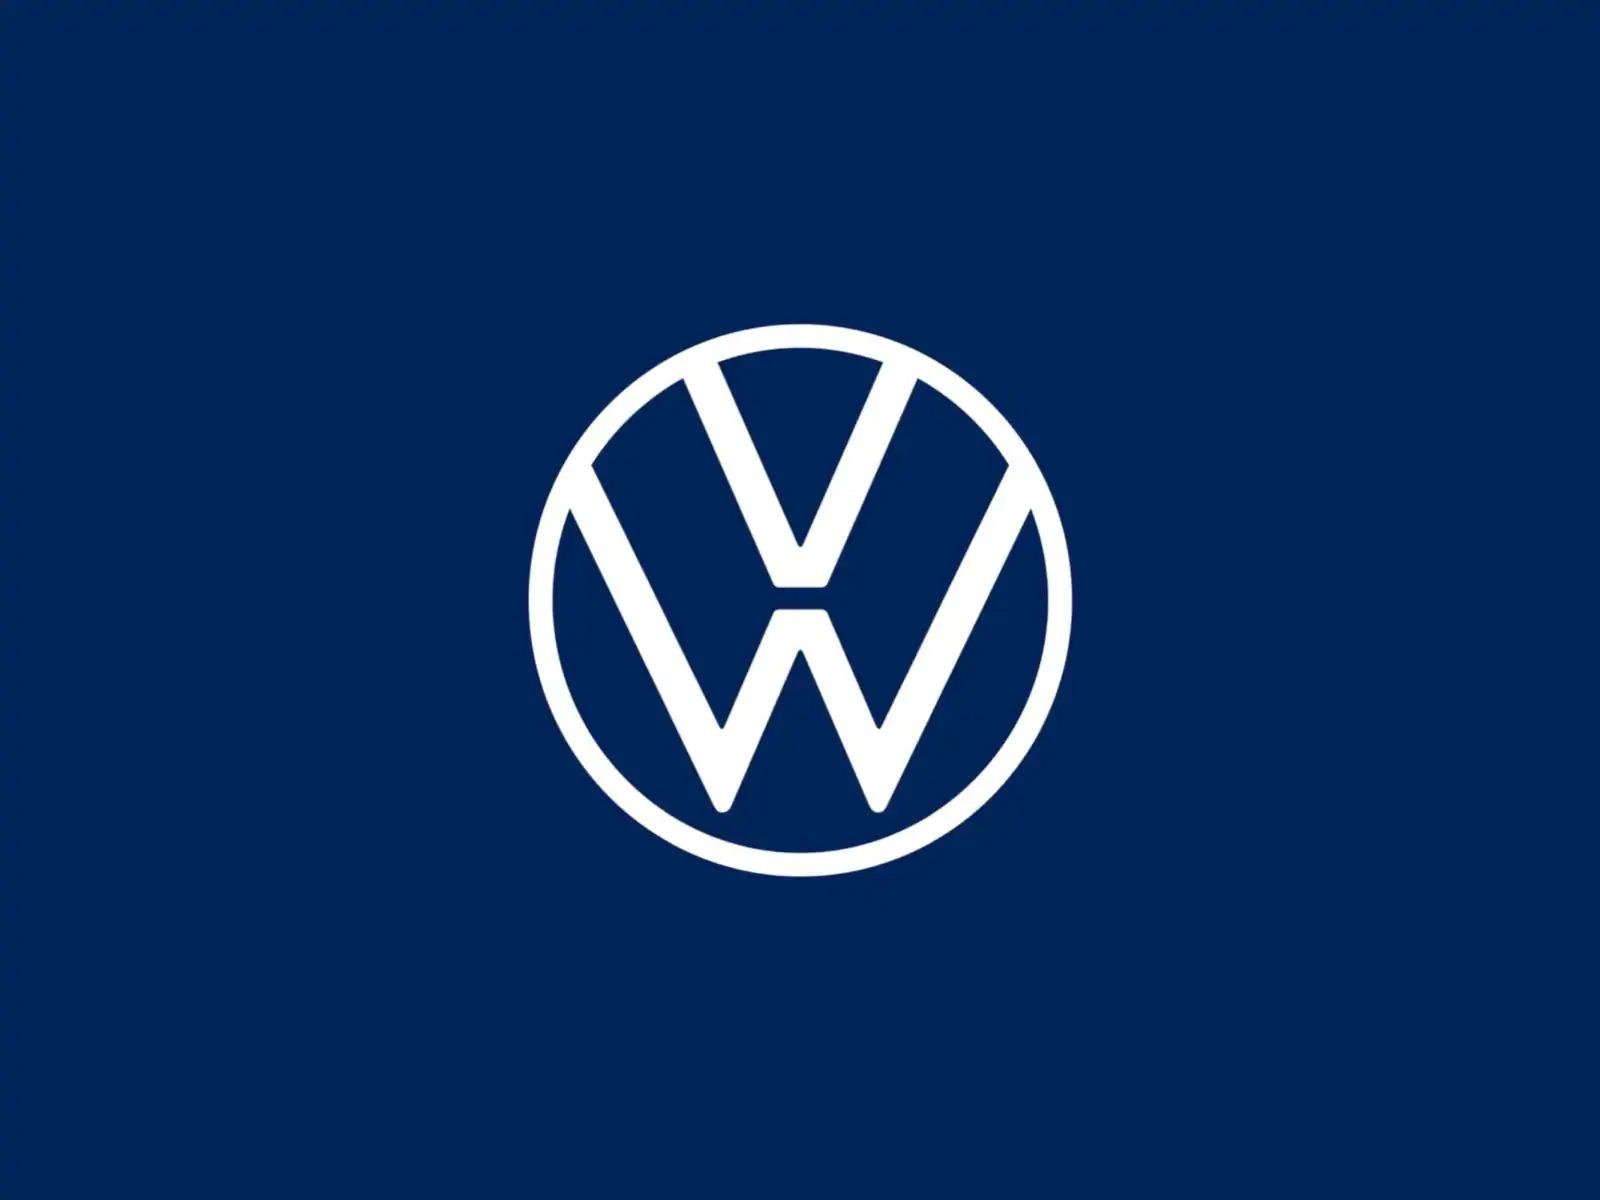 Volkswagen costruirà in Cina la sua nuova auto elettrica low cost